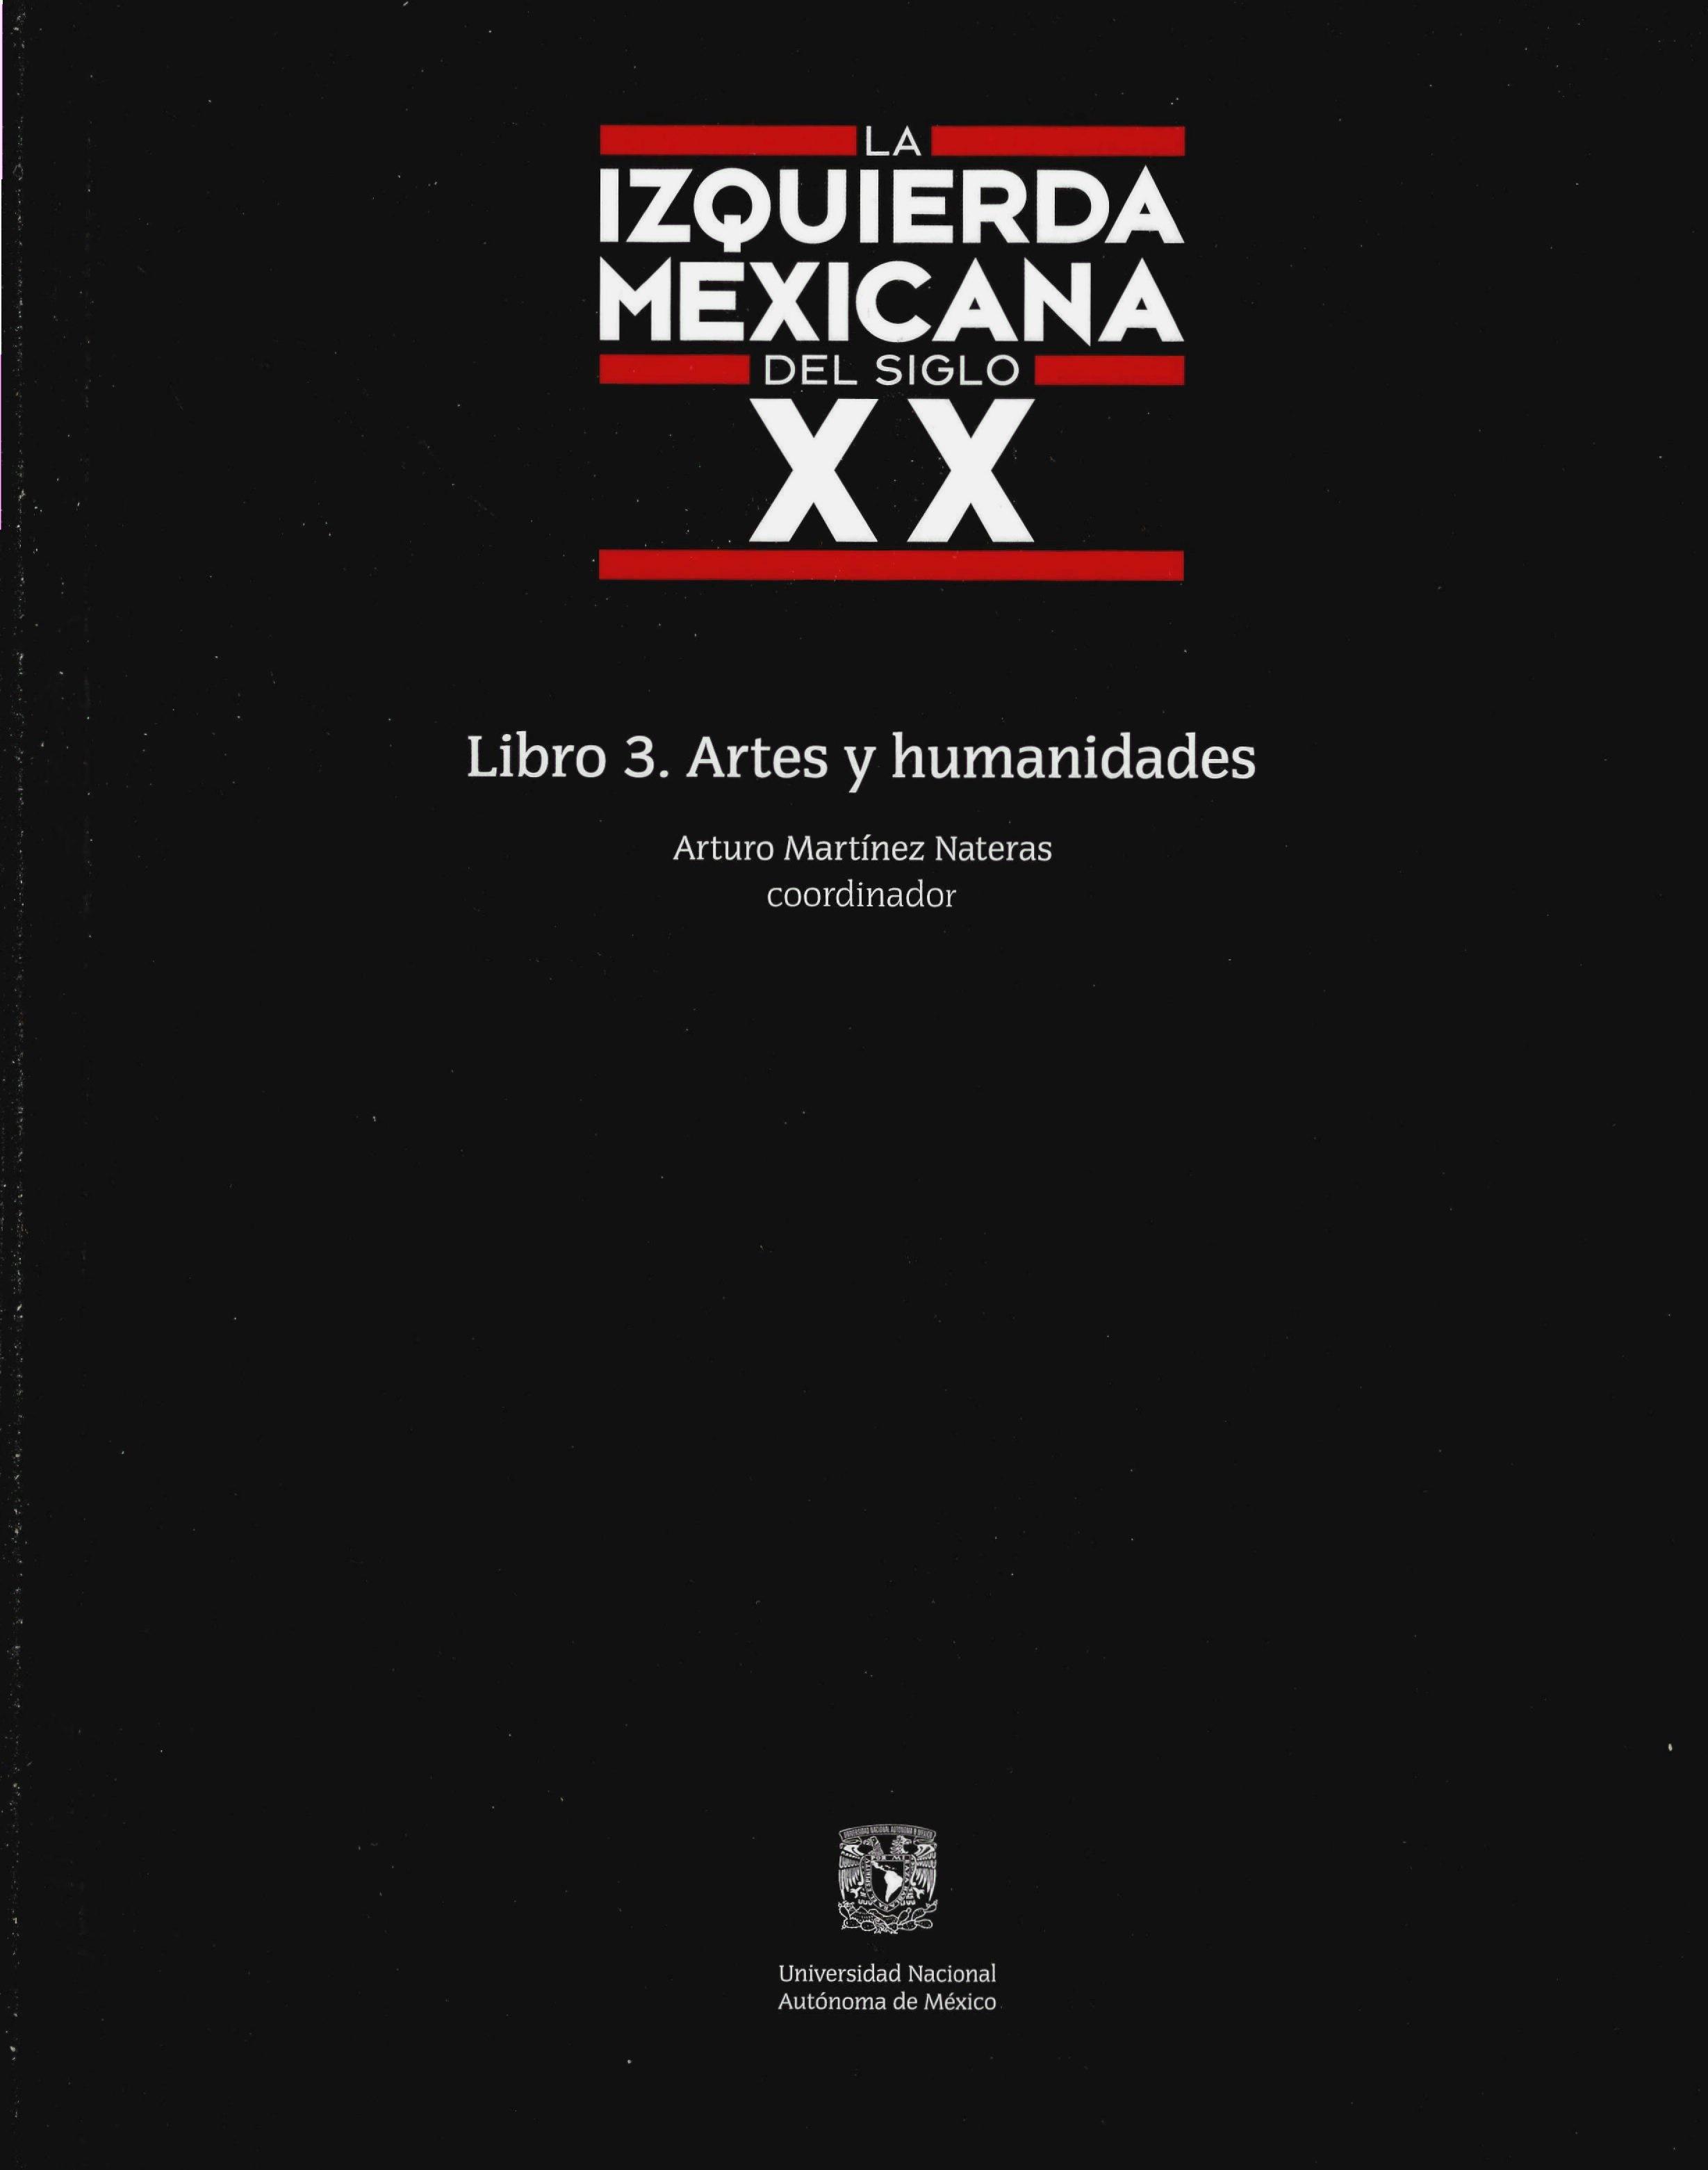 La izquierda mexicana del siglo XX. Libro 3. Artes y humanidades